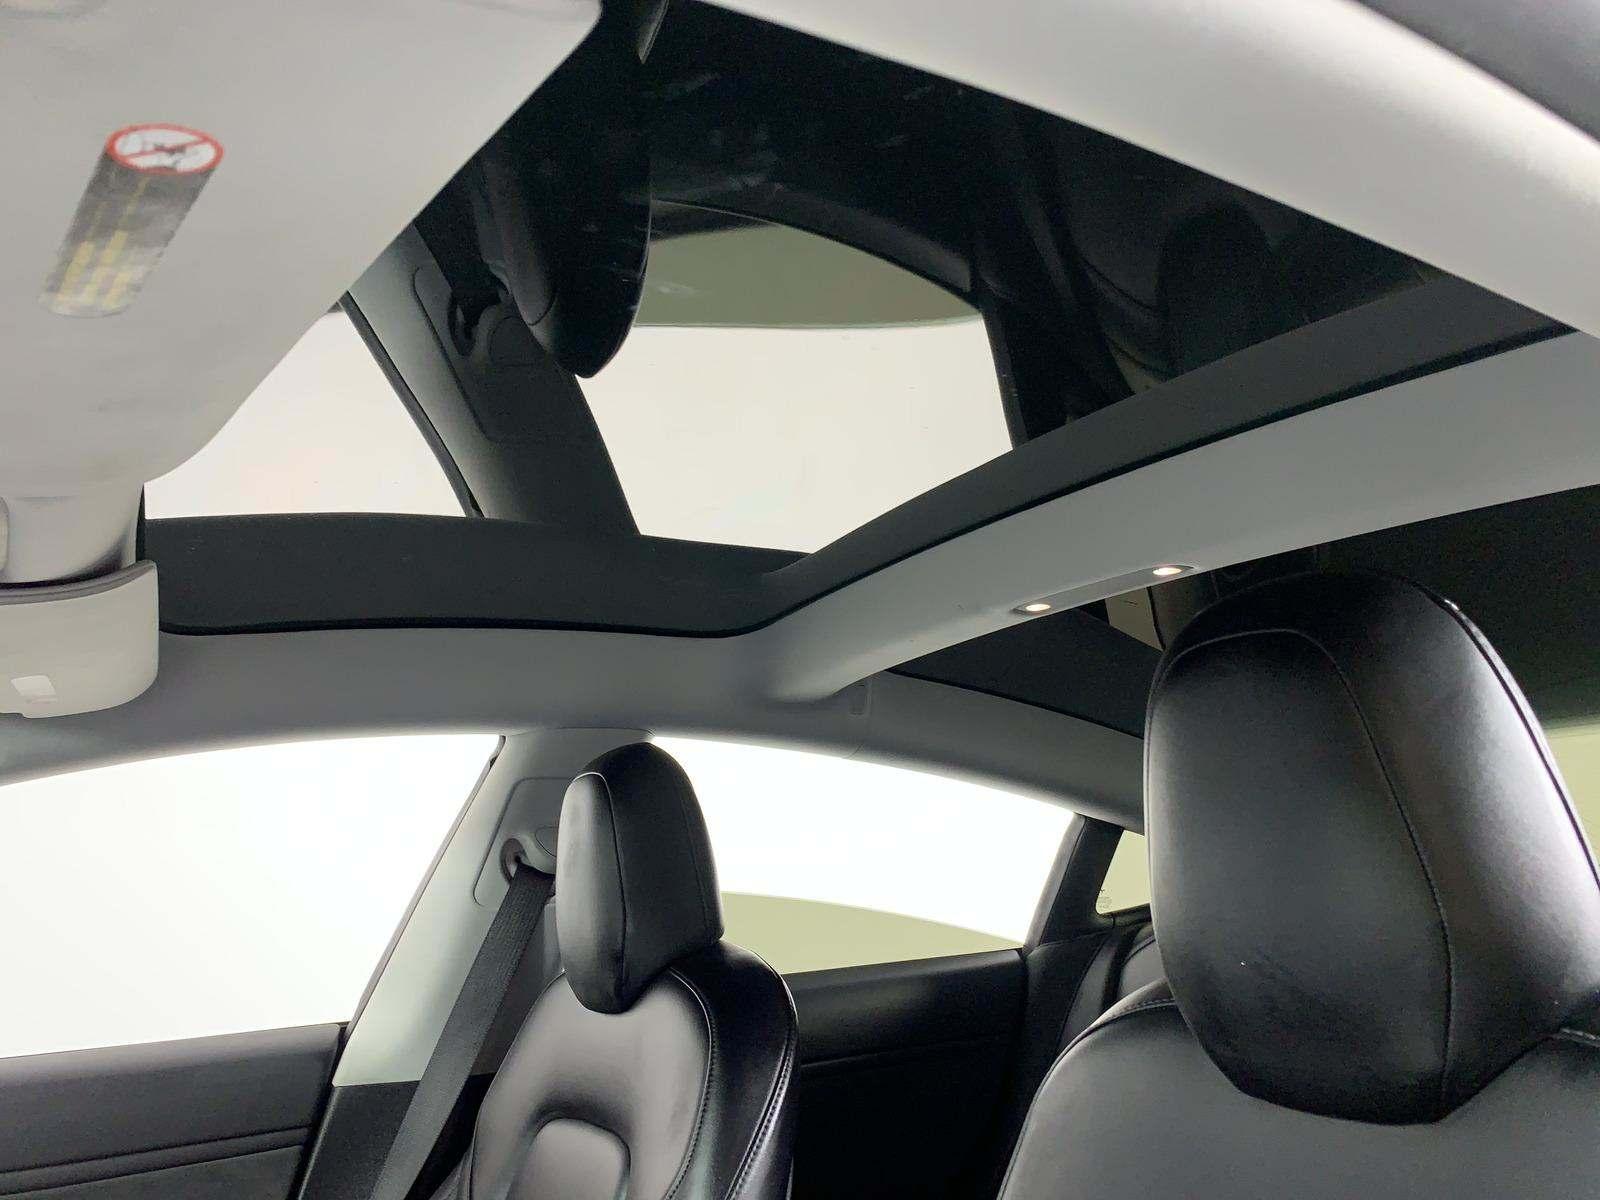 Used 2019 Tesla Model 3 For Sale ($39,480) | Vroom